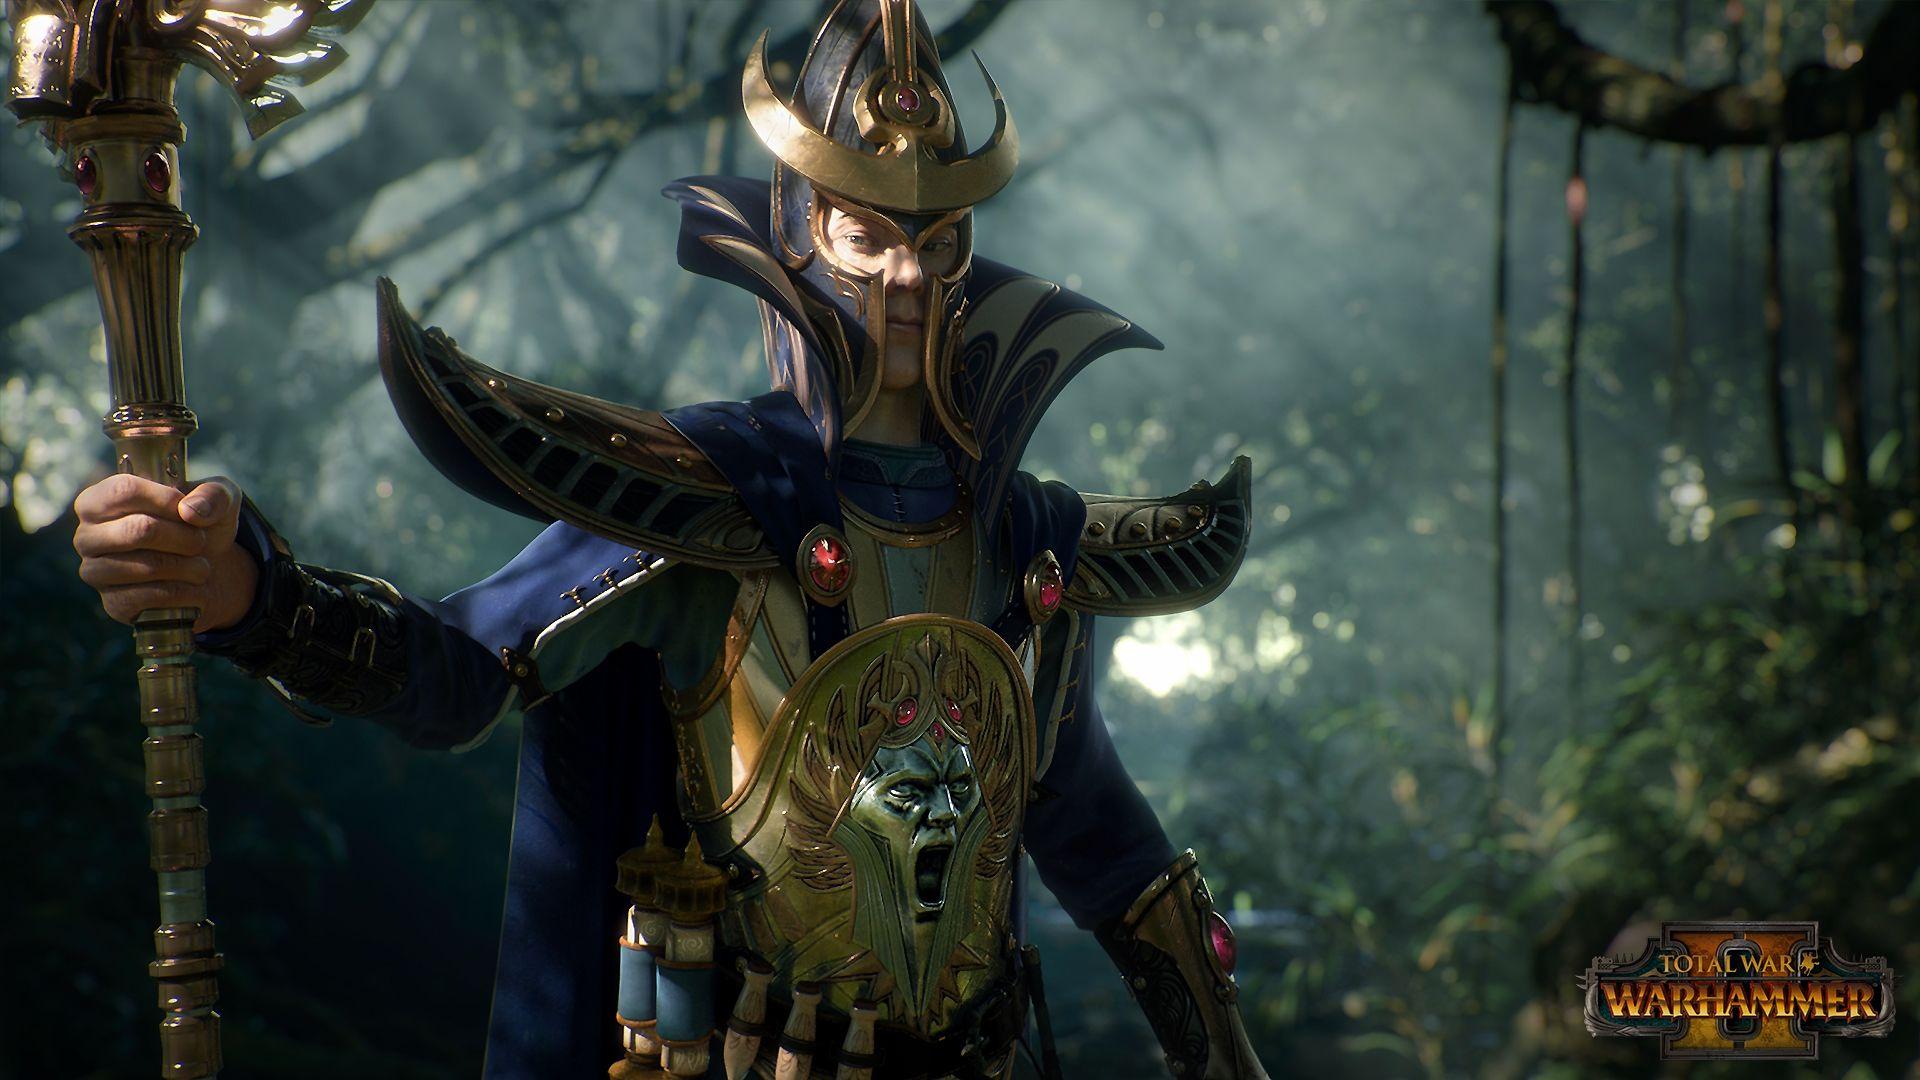 Трейлер Total War: Warhammer 2 показал красоты нового мира